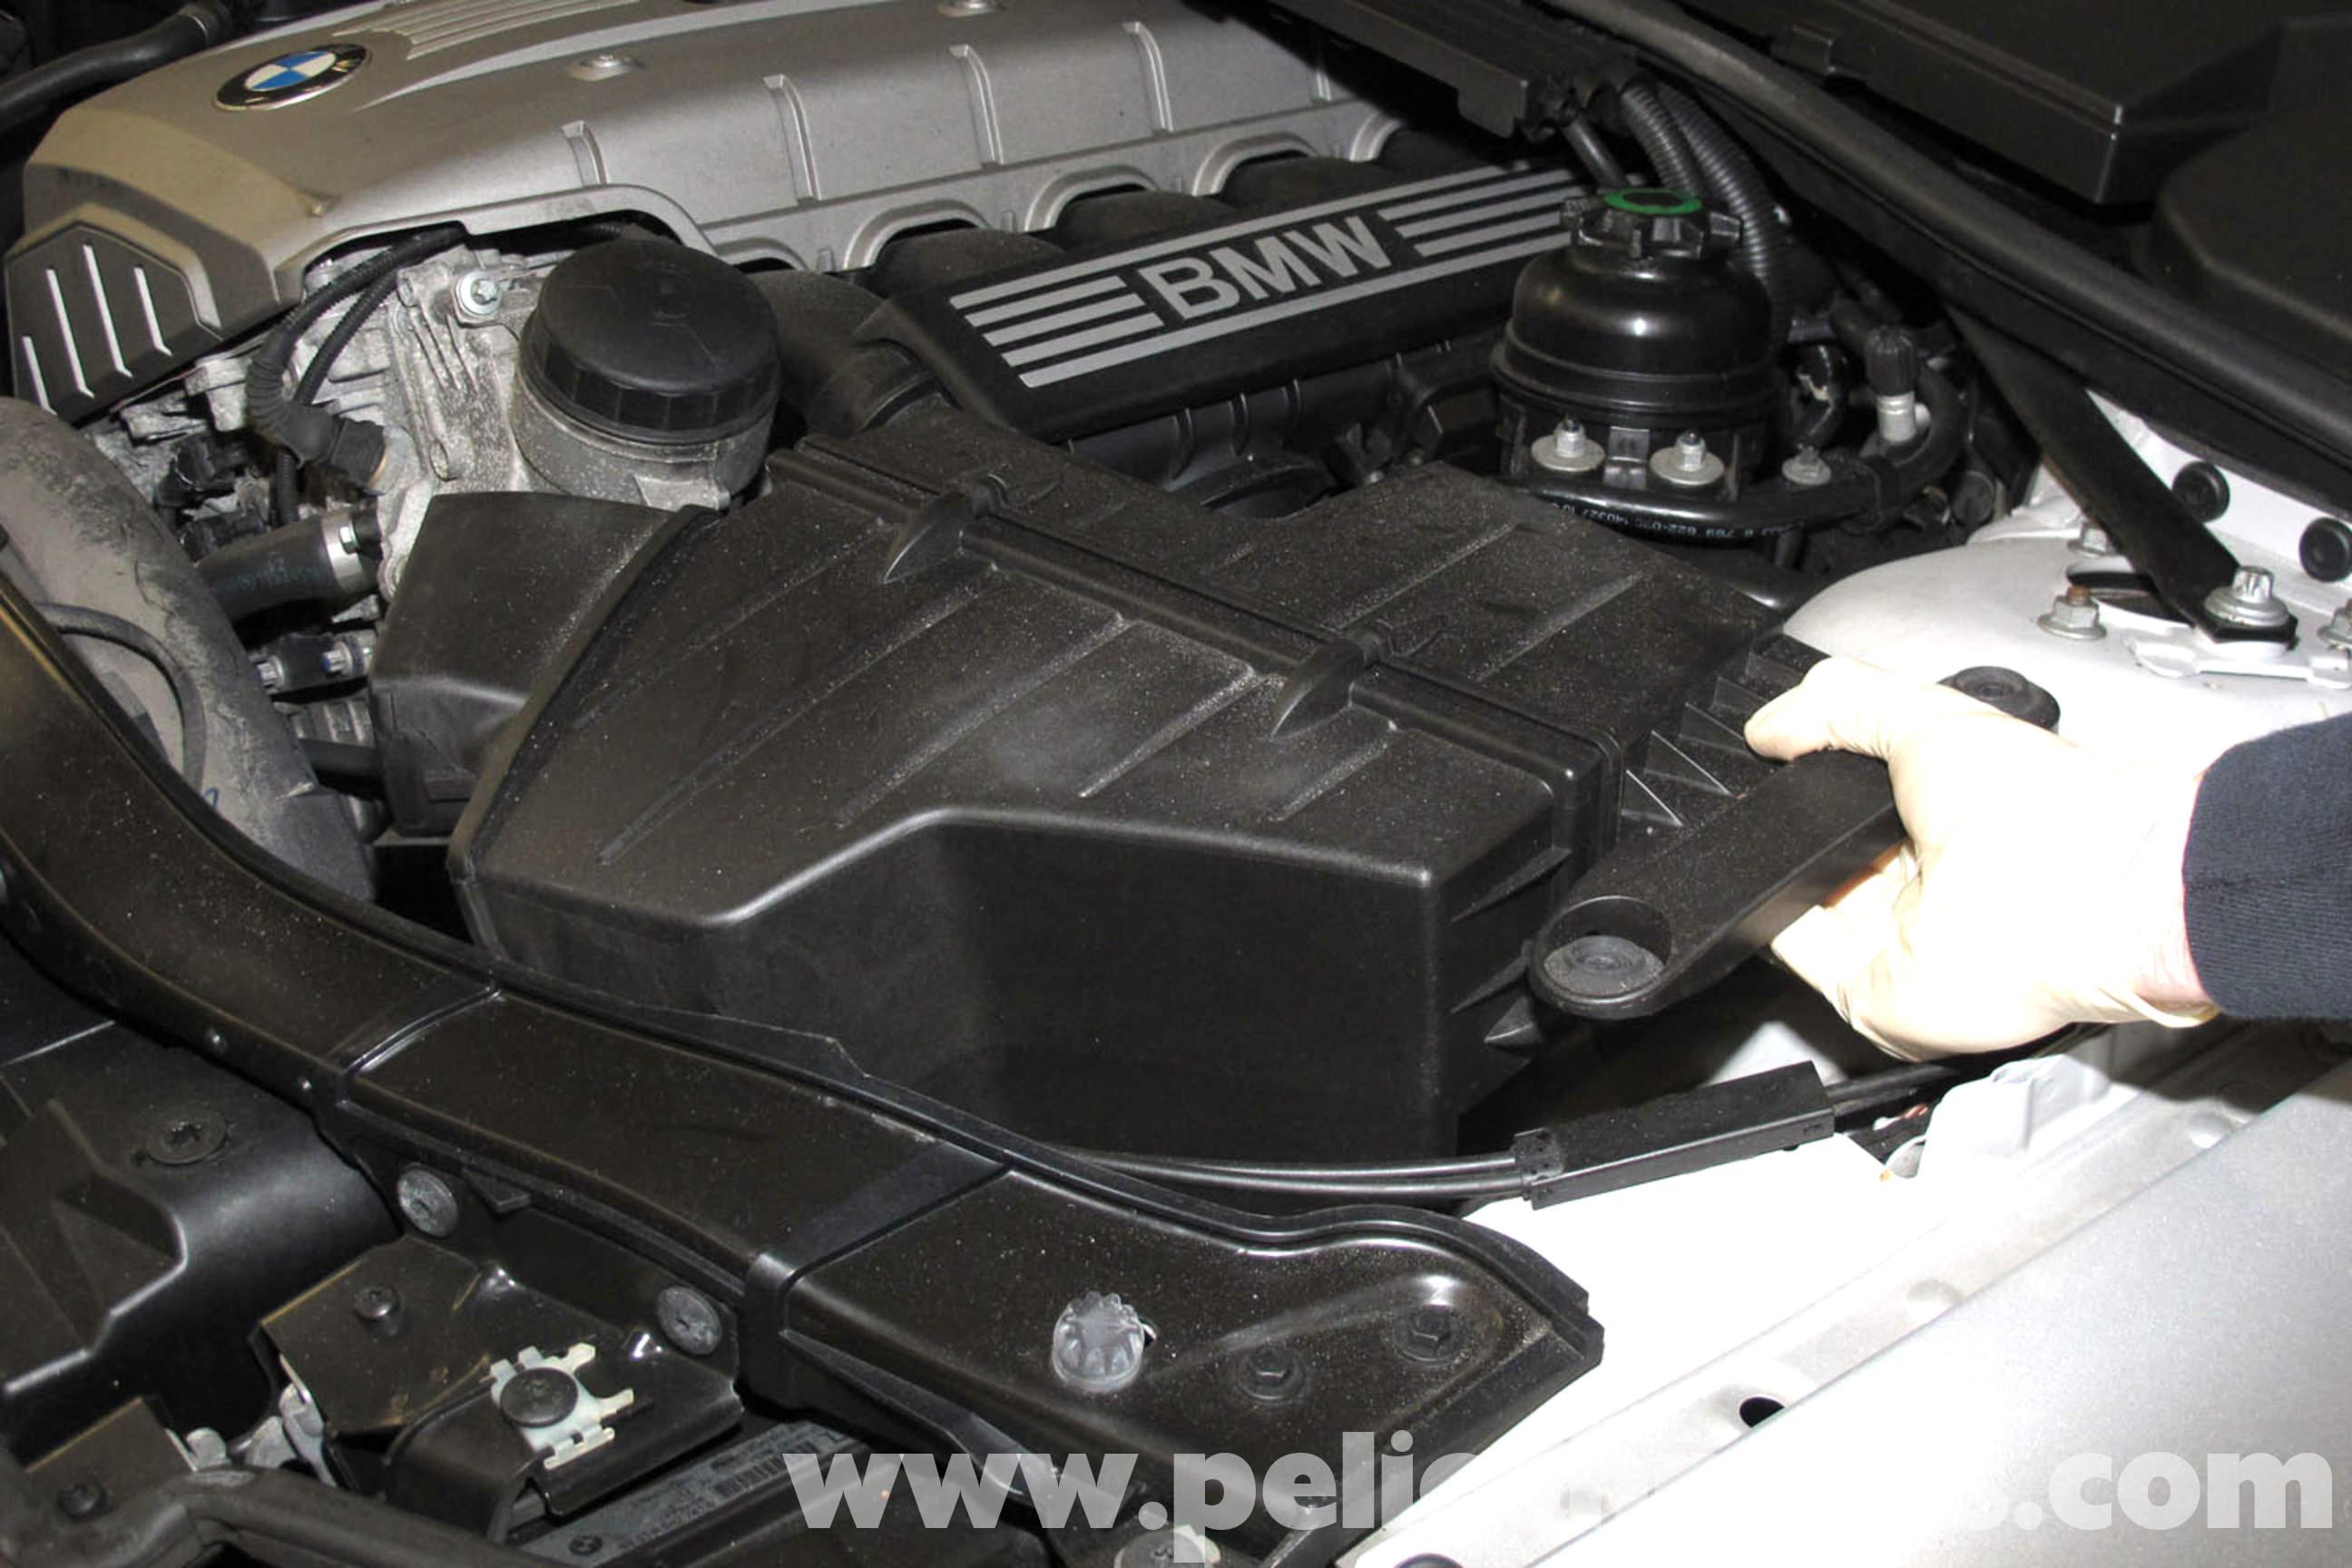 BMW E90 Air Filter Replacement | E91, E92, E93 | Pelican